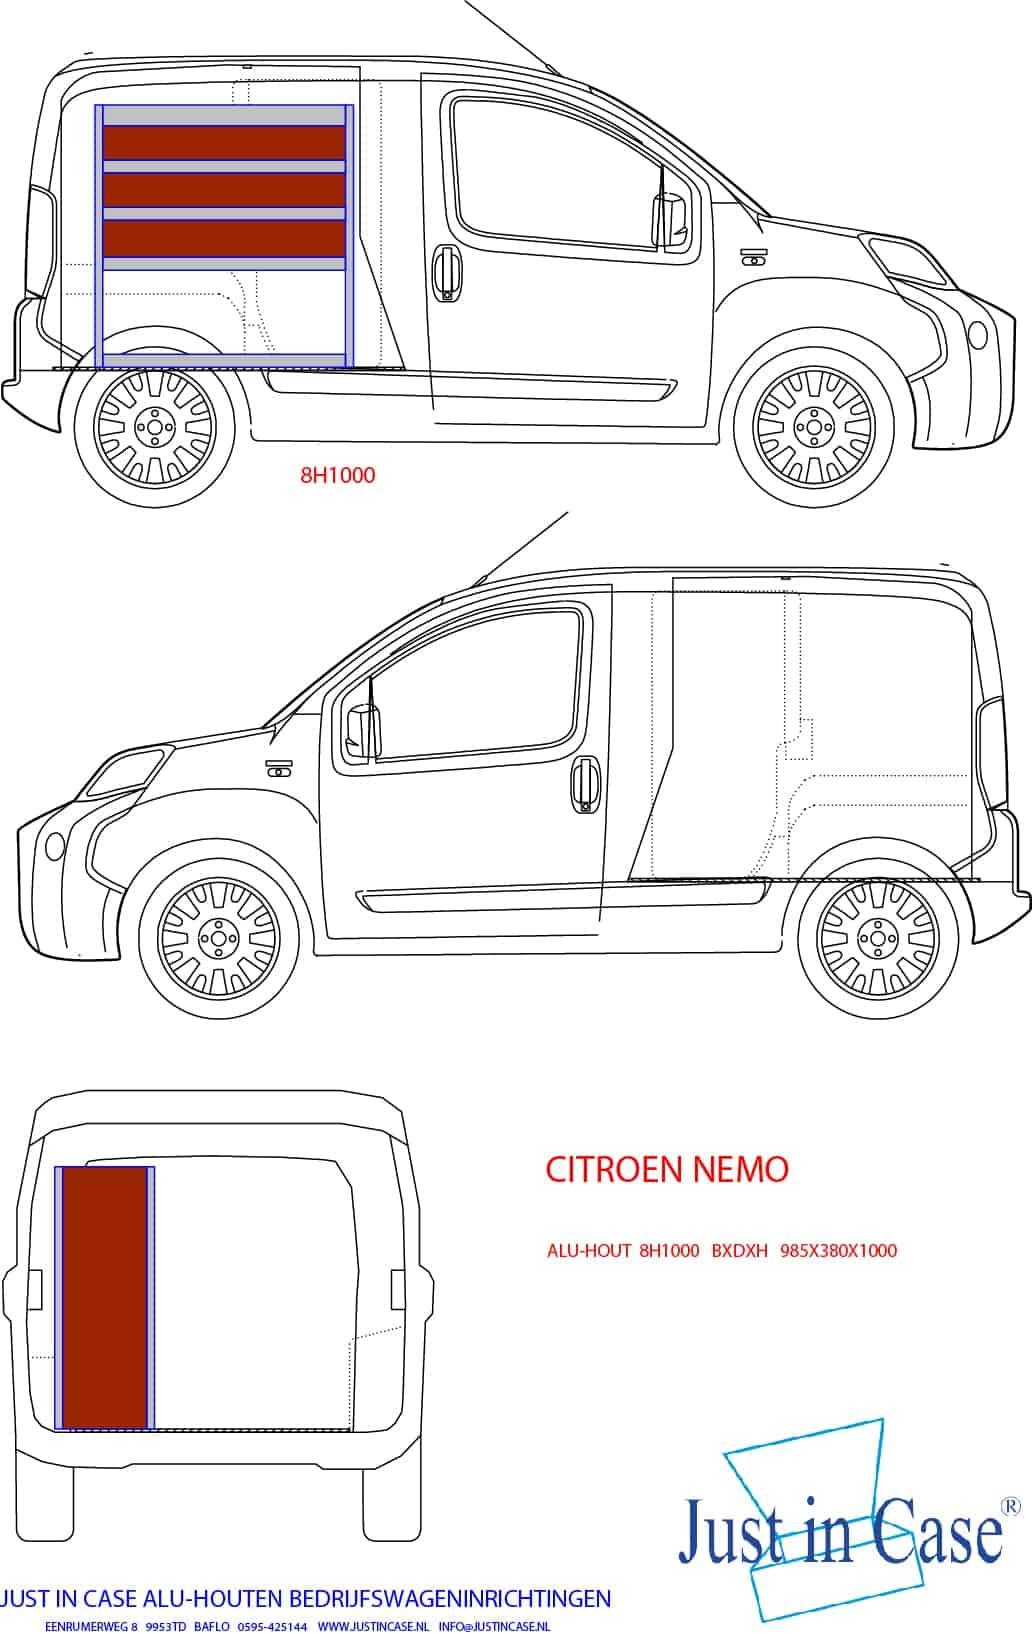 Citroën Nemo bedrijfsbus inrichting